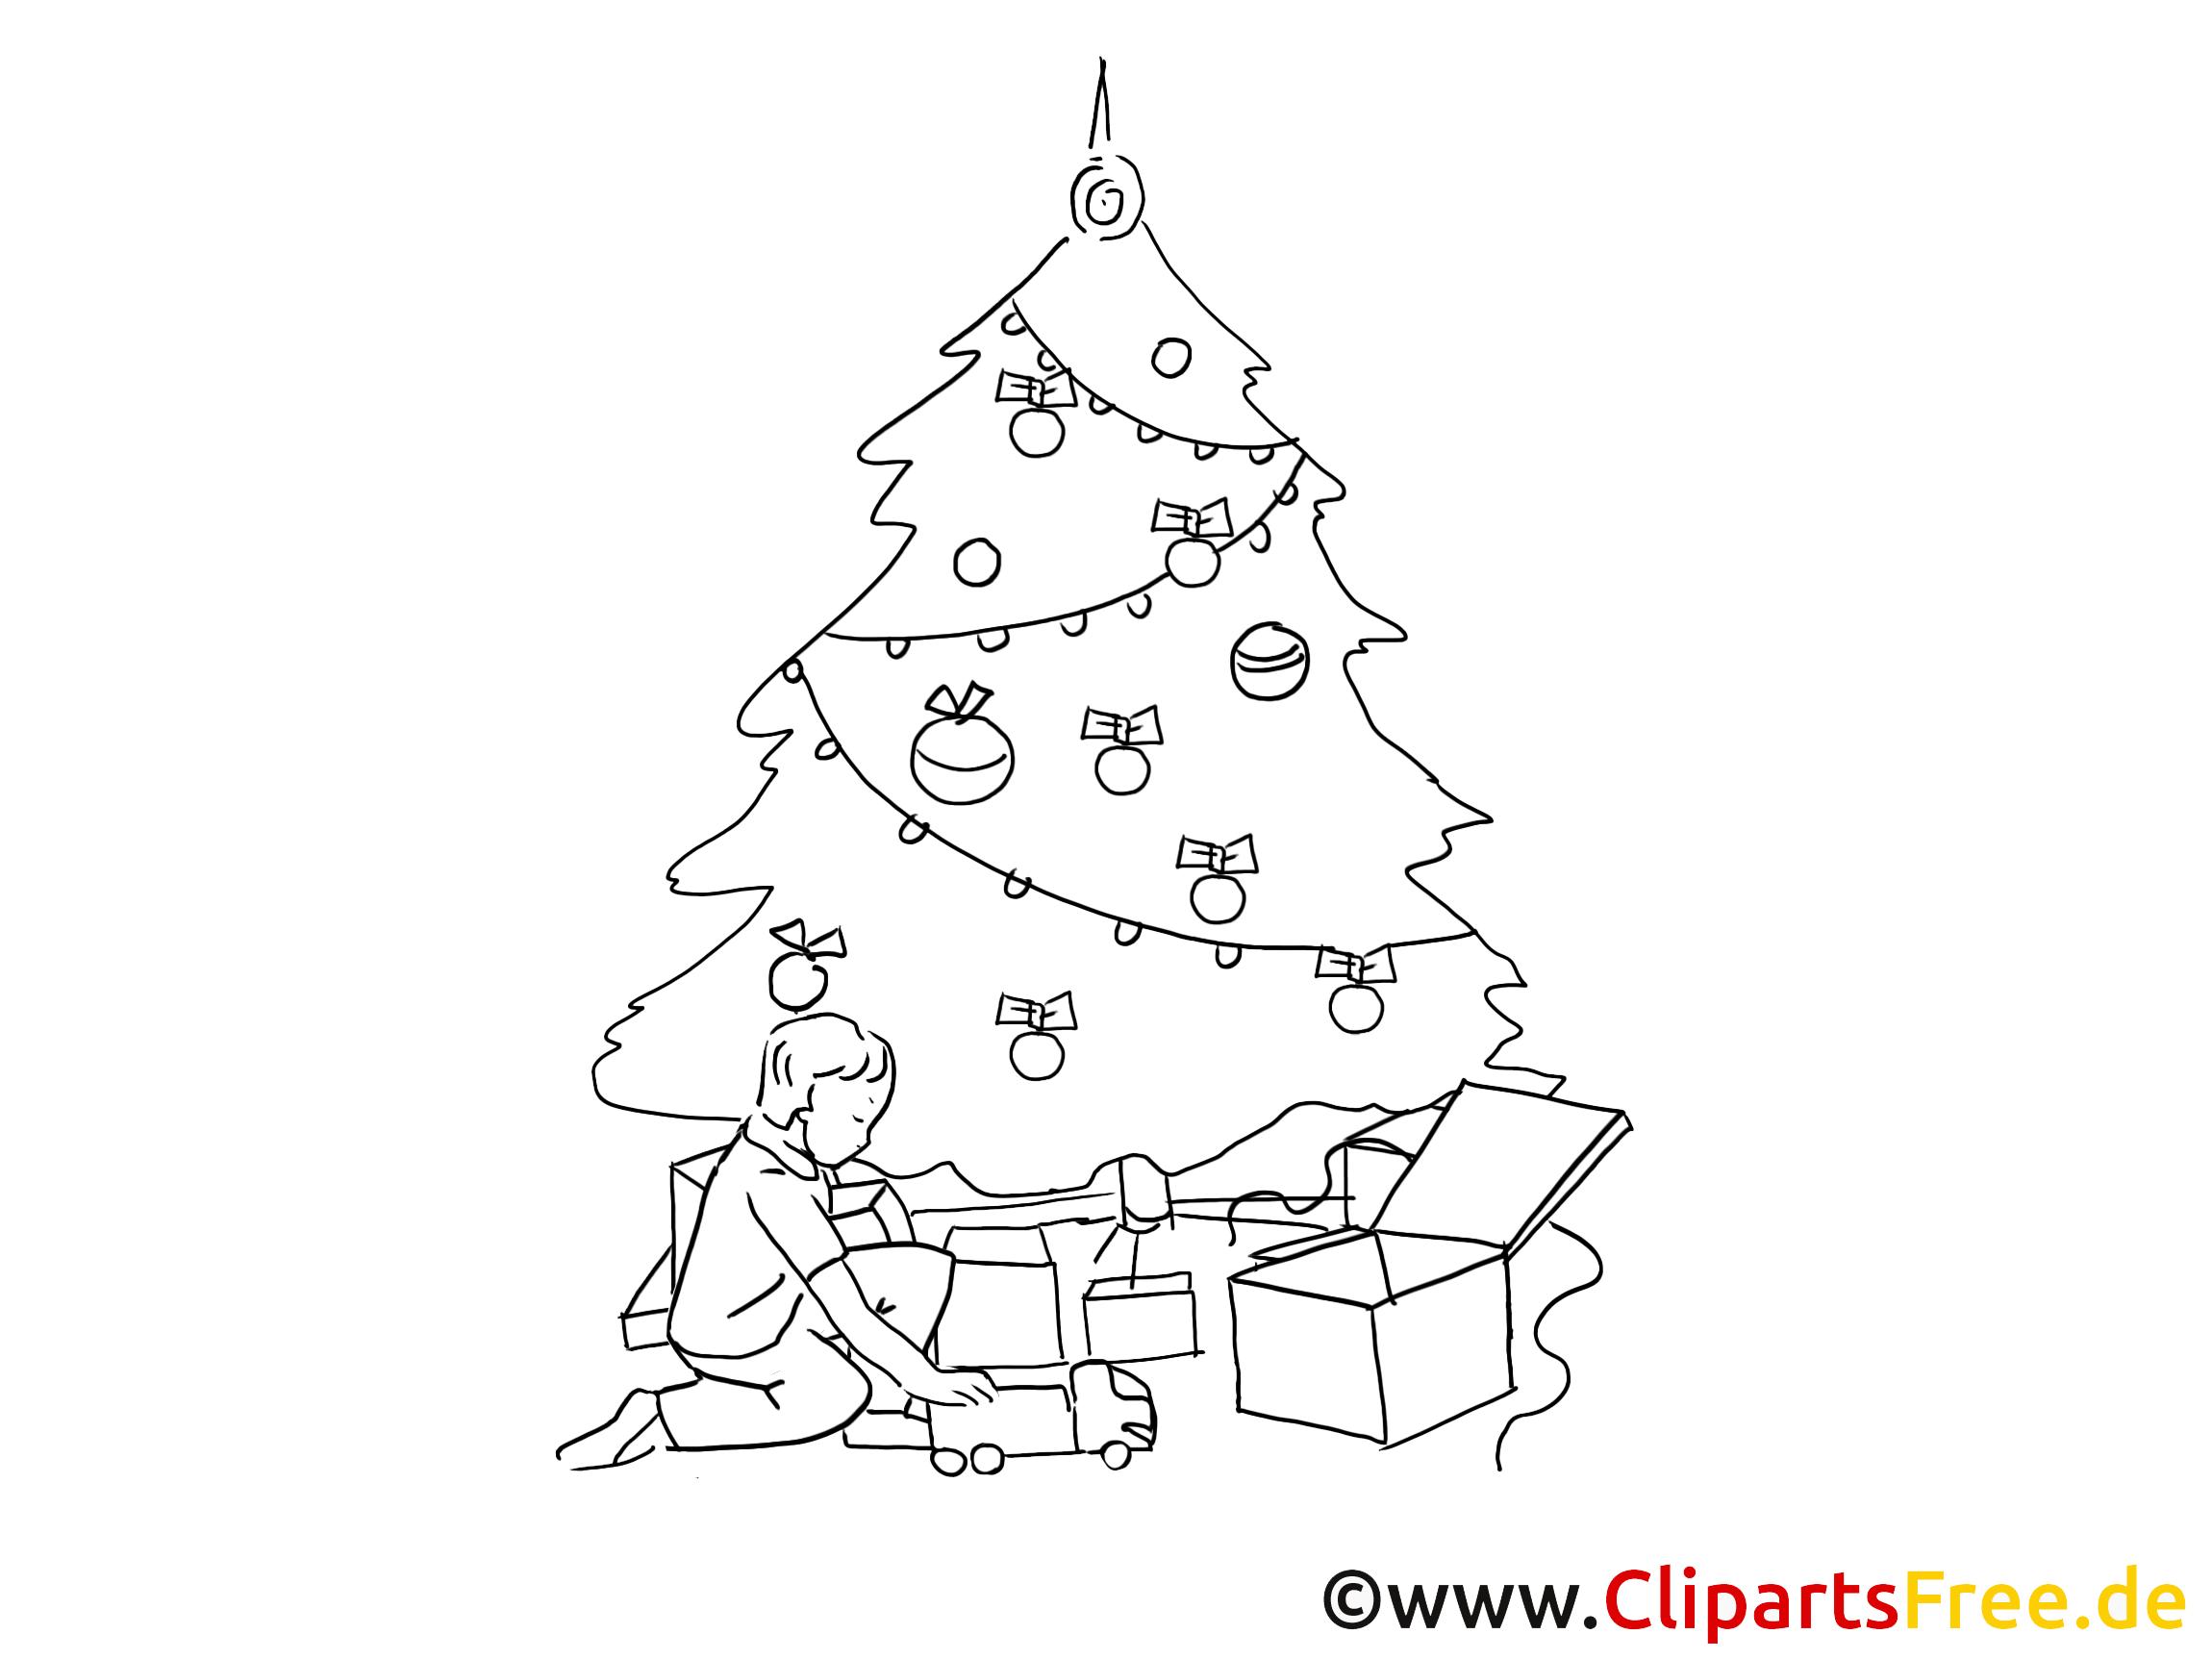 Bilder Weihnachten Clipart.Clipart Weihnachten Schwarz Weiss